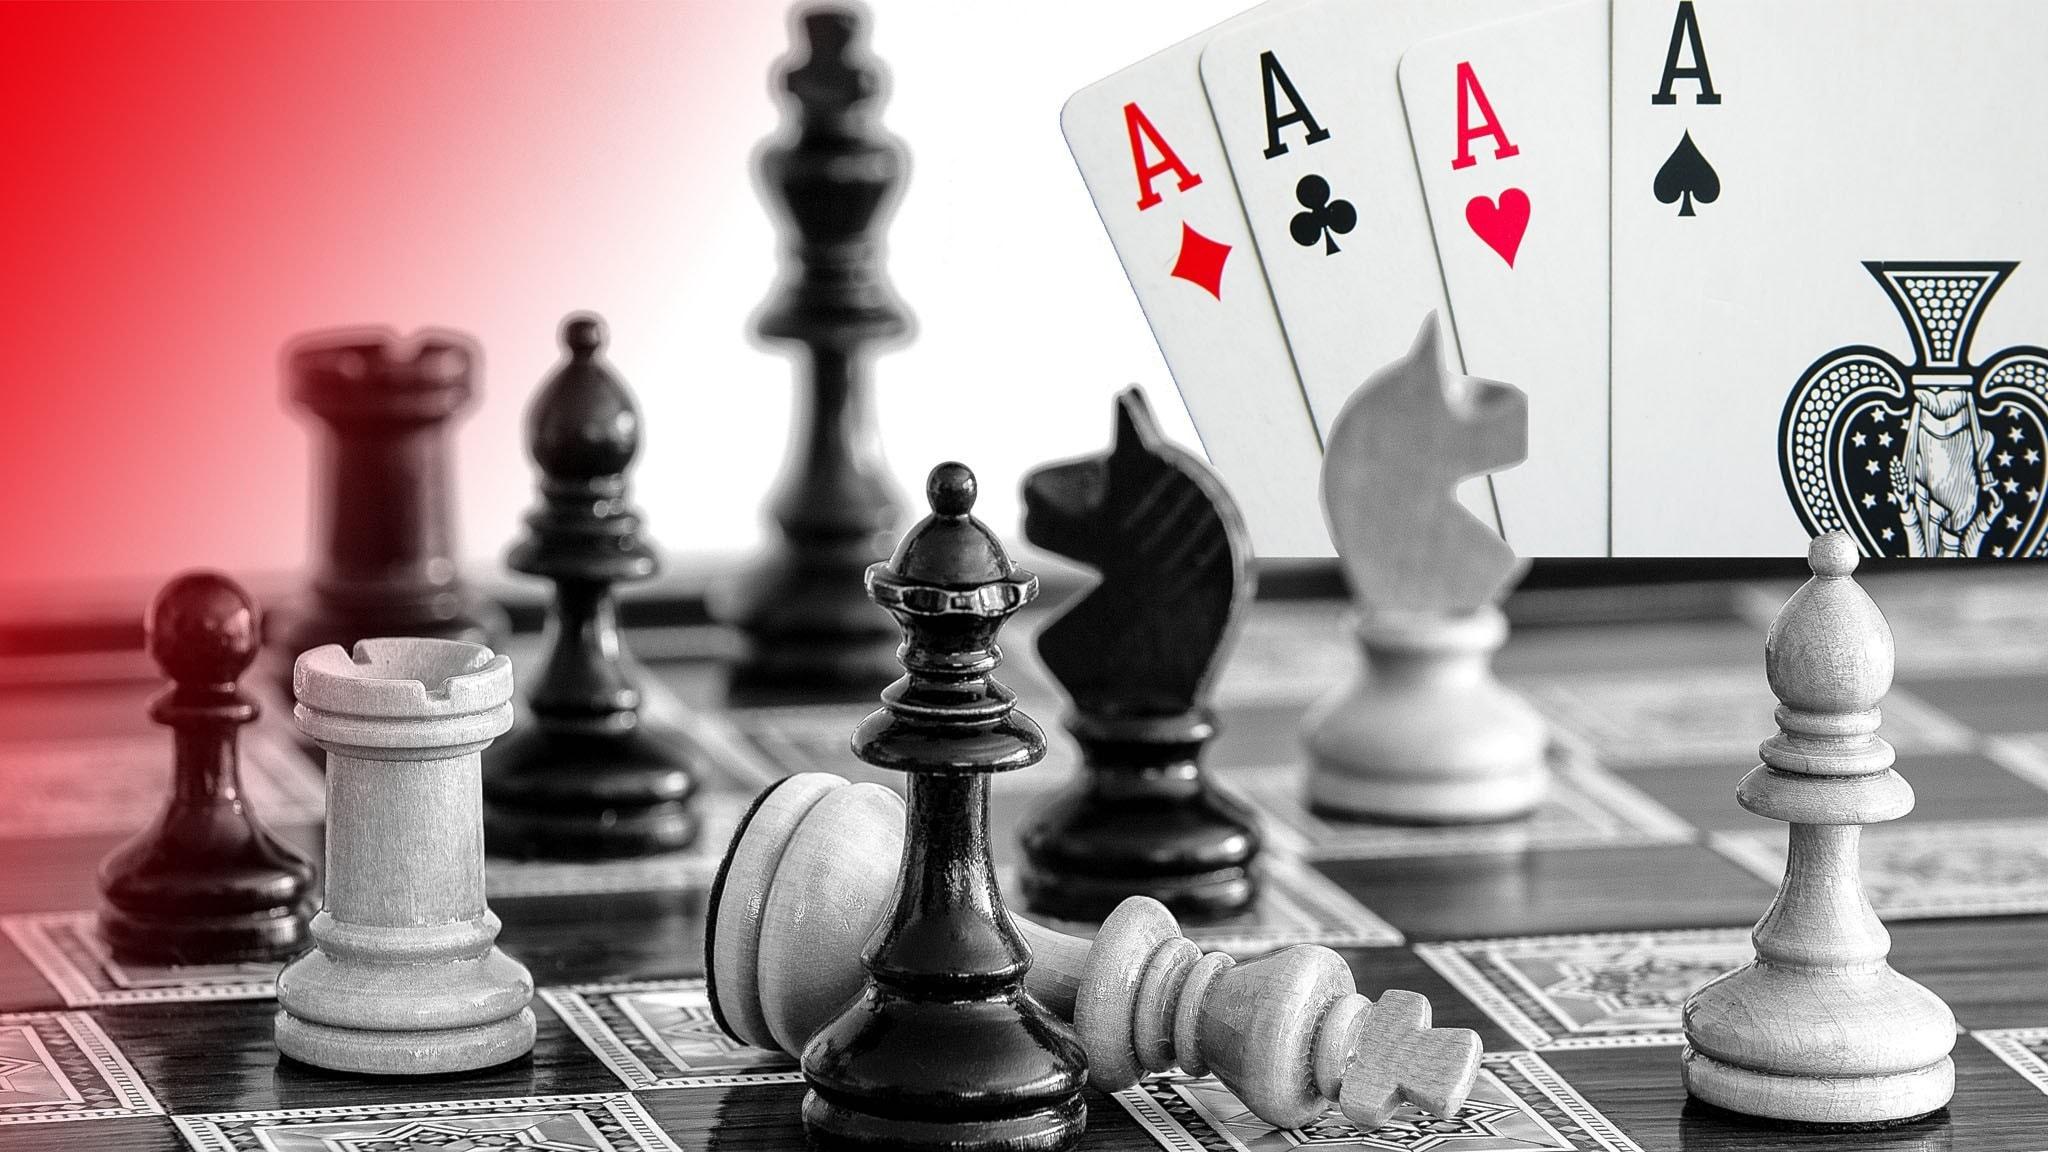 Schackbräde med schackpjäser och fyra ess från en kortlek i bakgrunden.